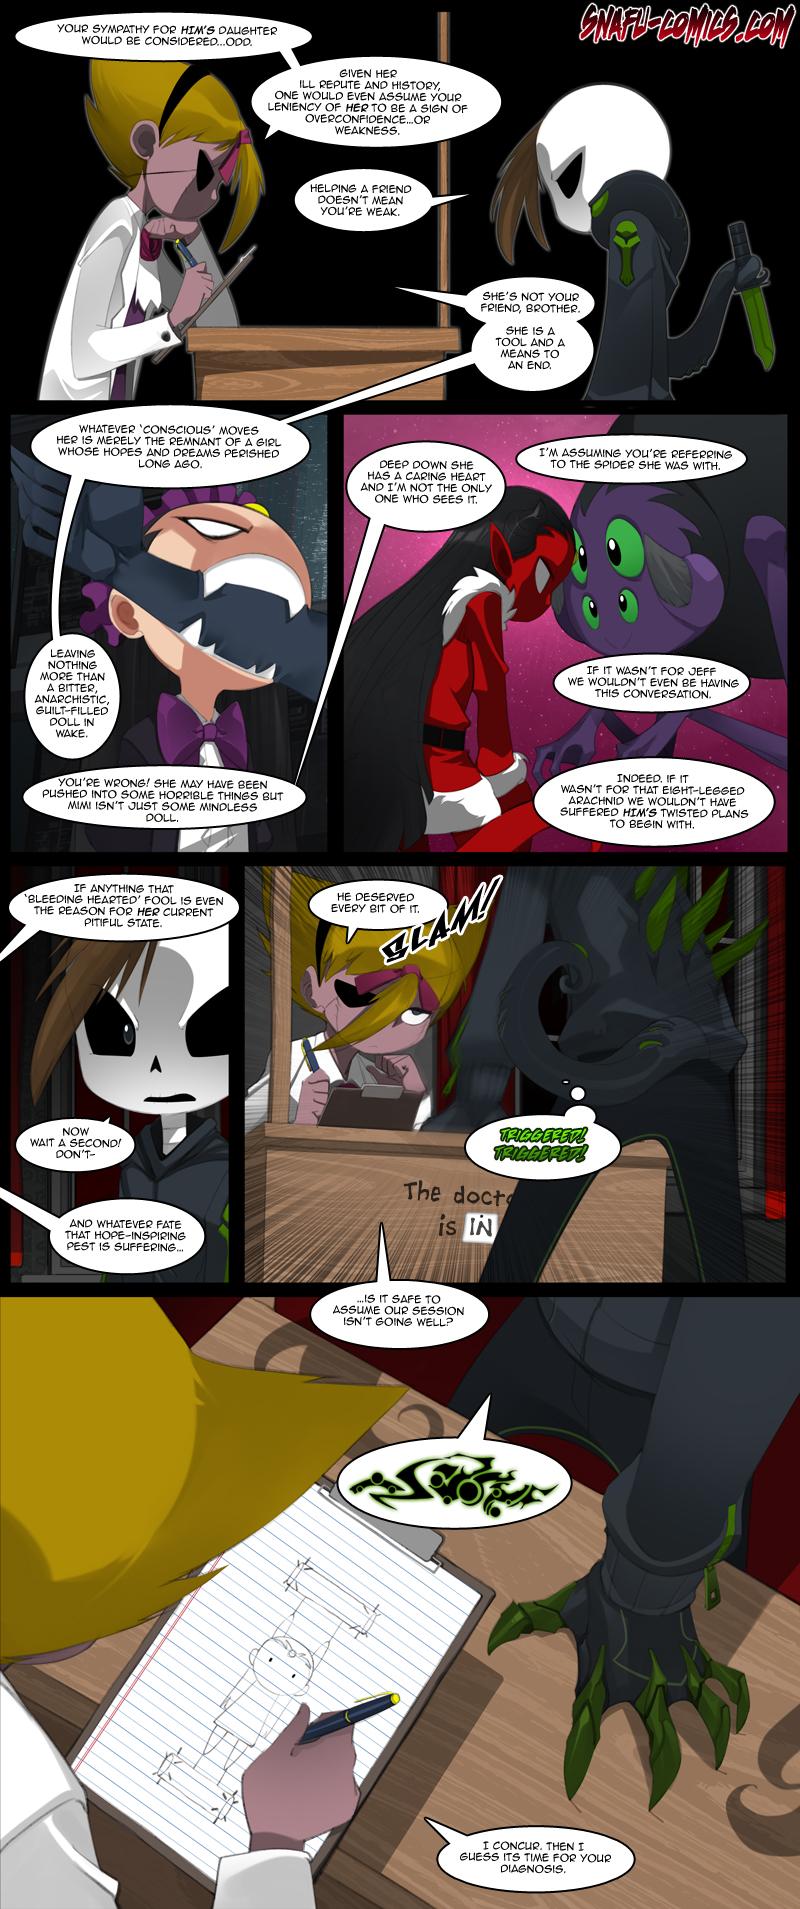 NO GOOD SPIDER GOES UNPUNISHED